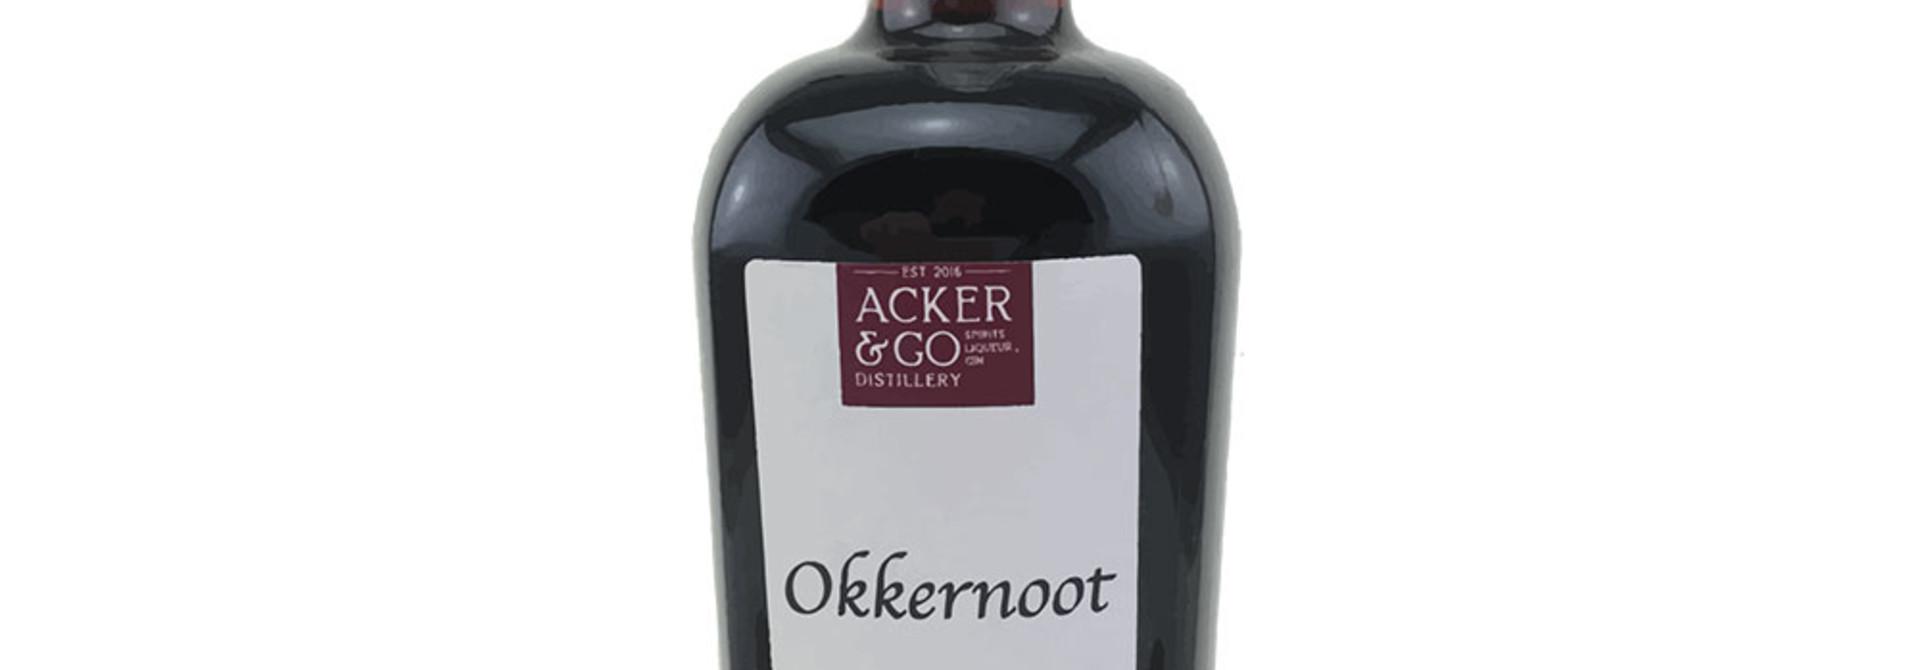 Okkernoot Port